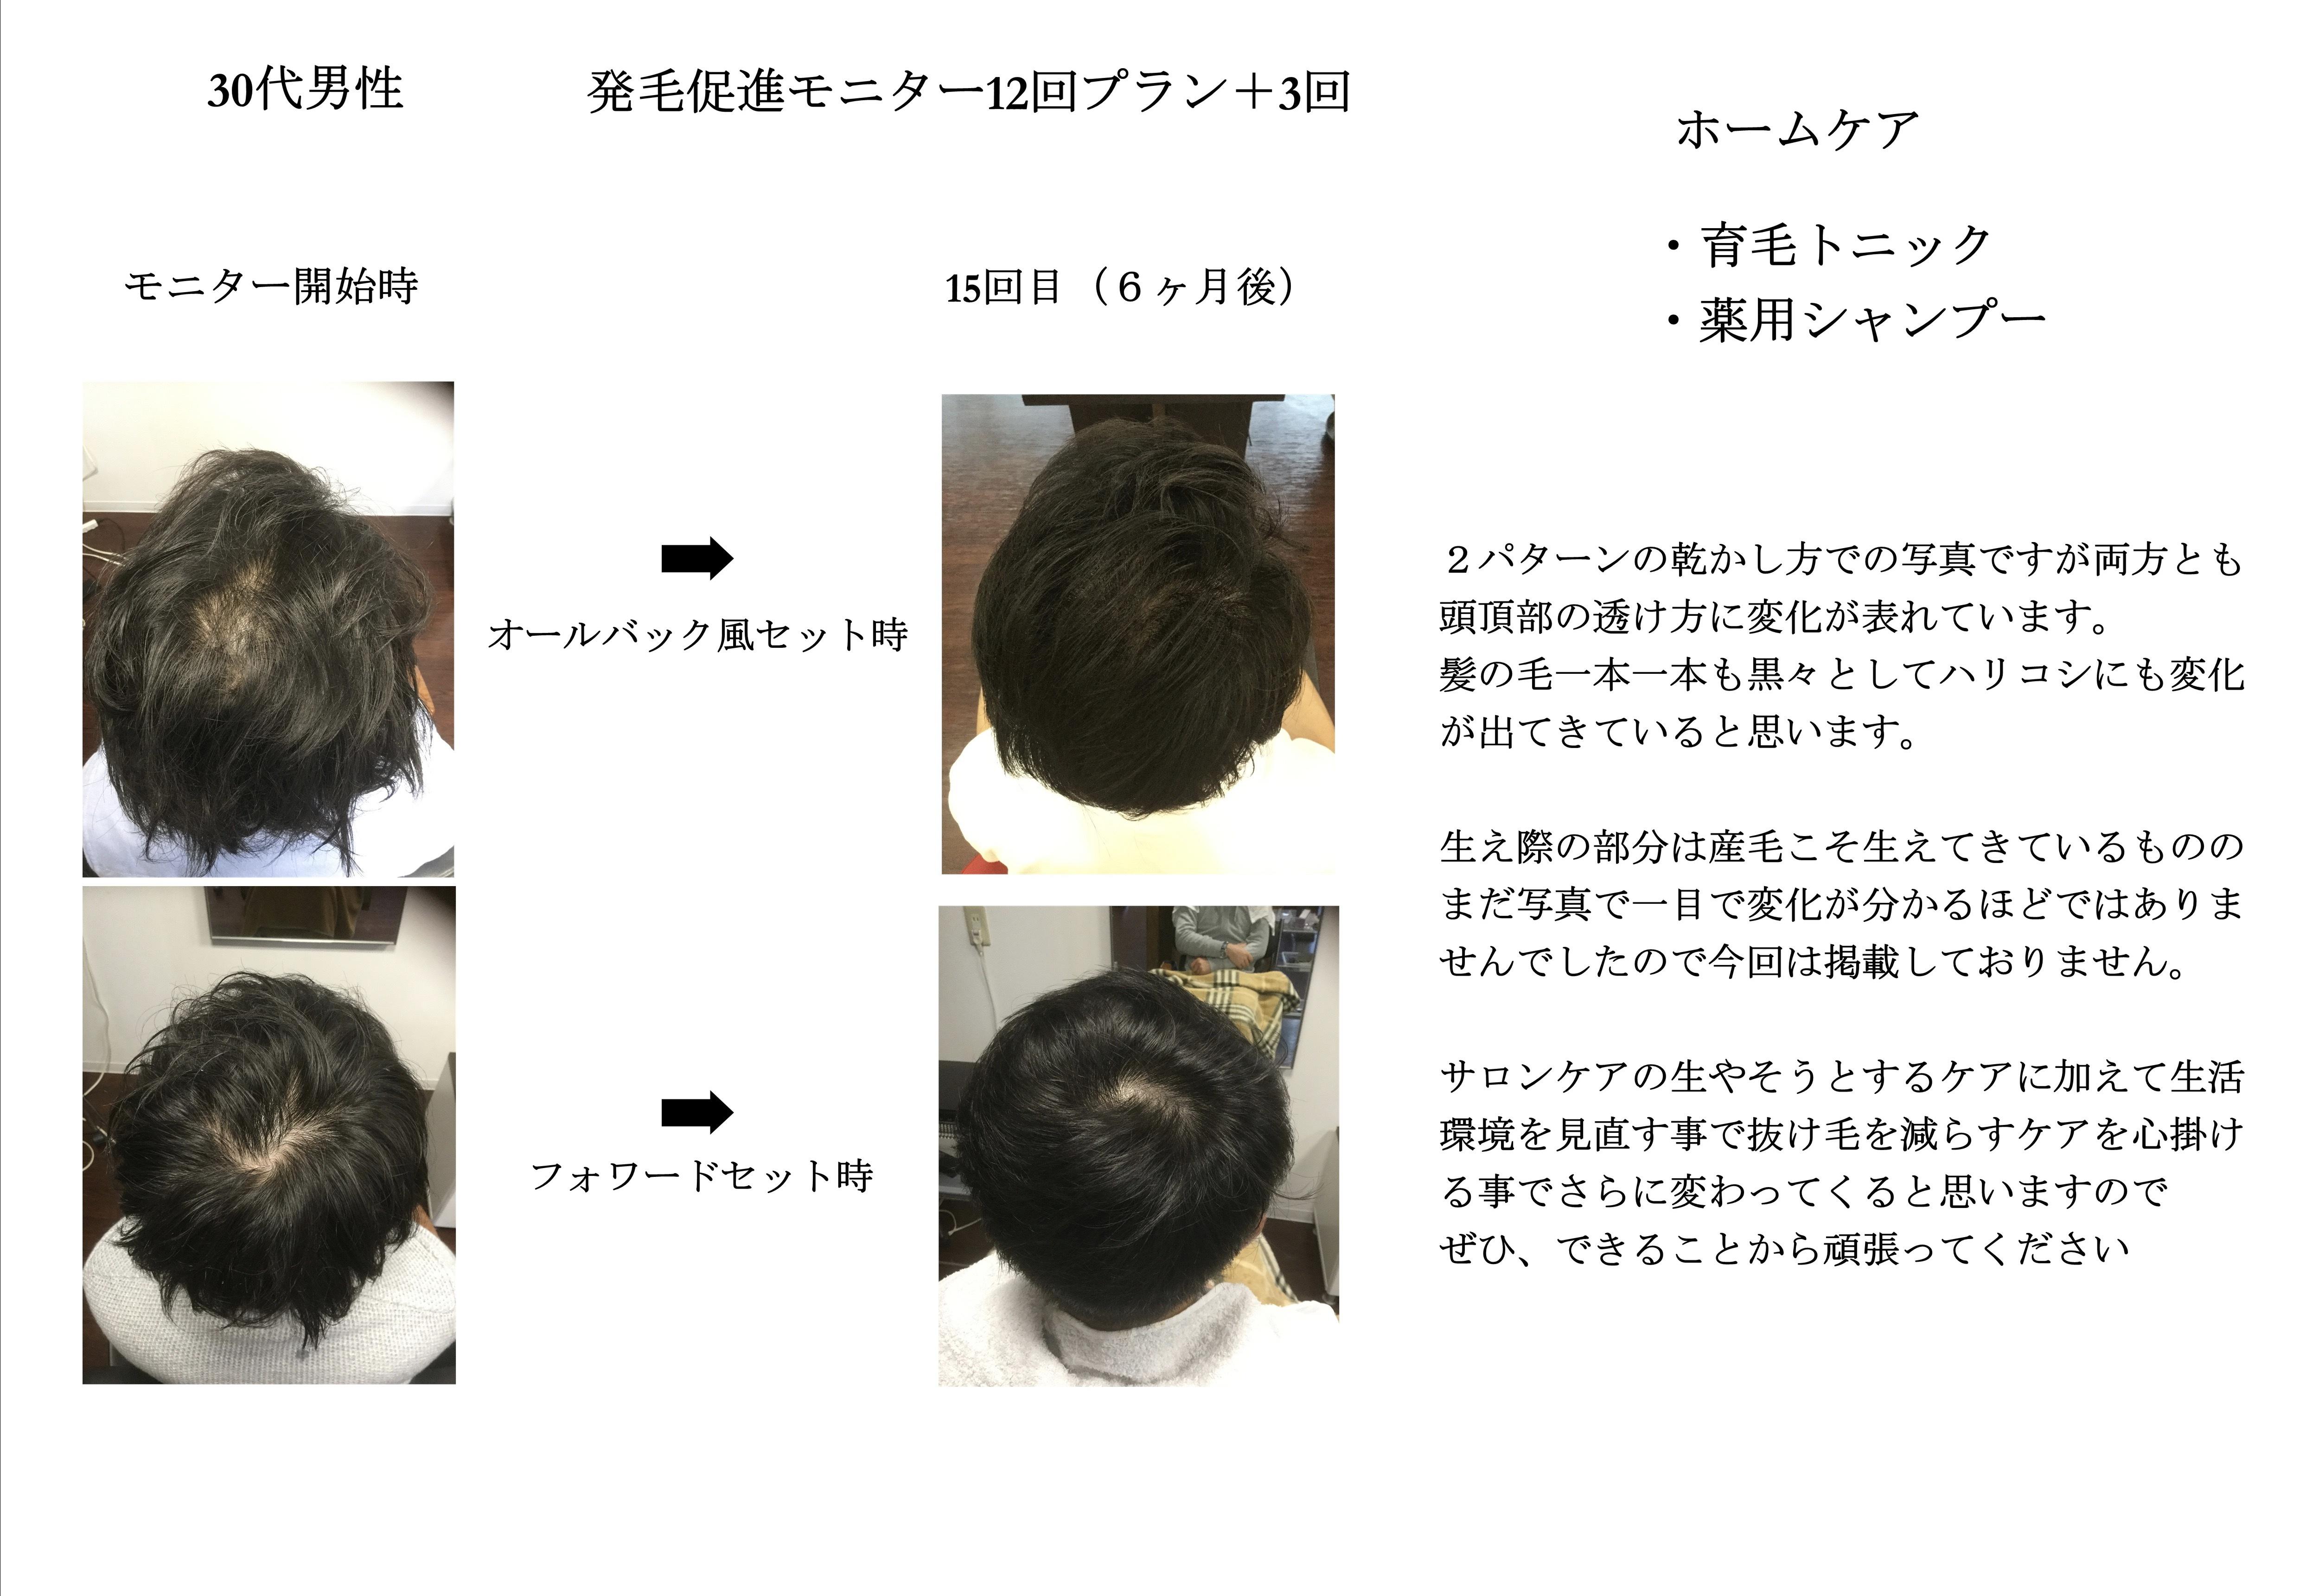 【発毛促進】スカルプモニター 30代男性